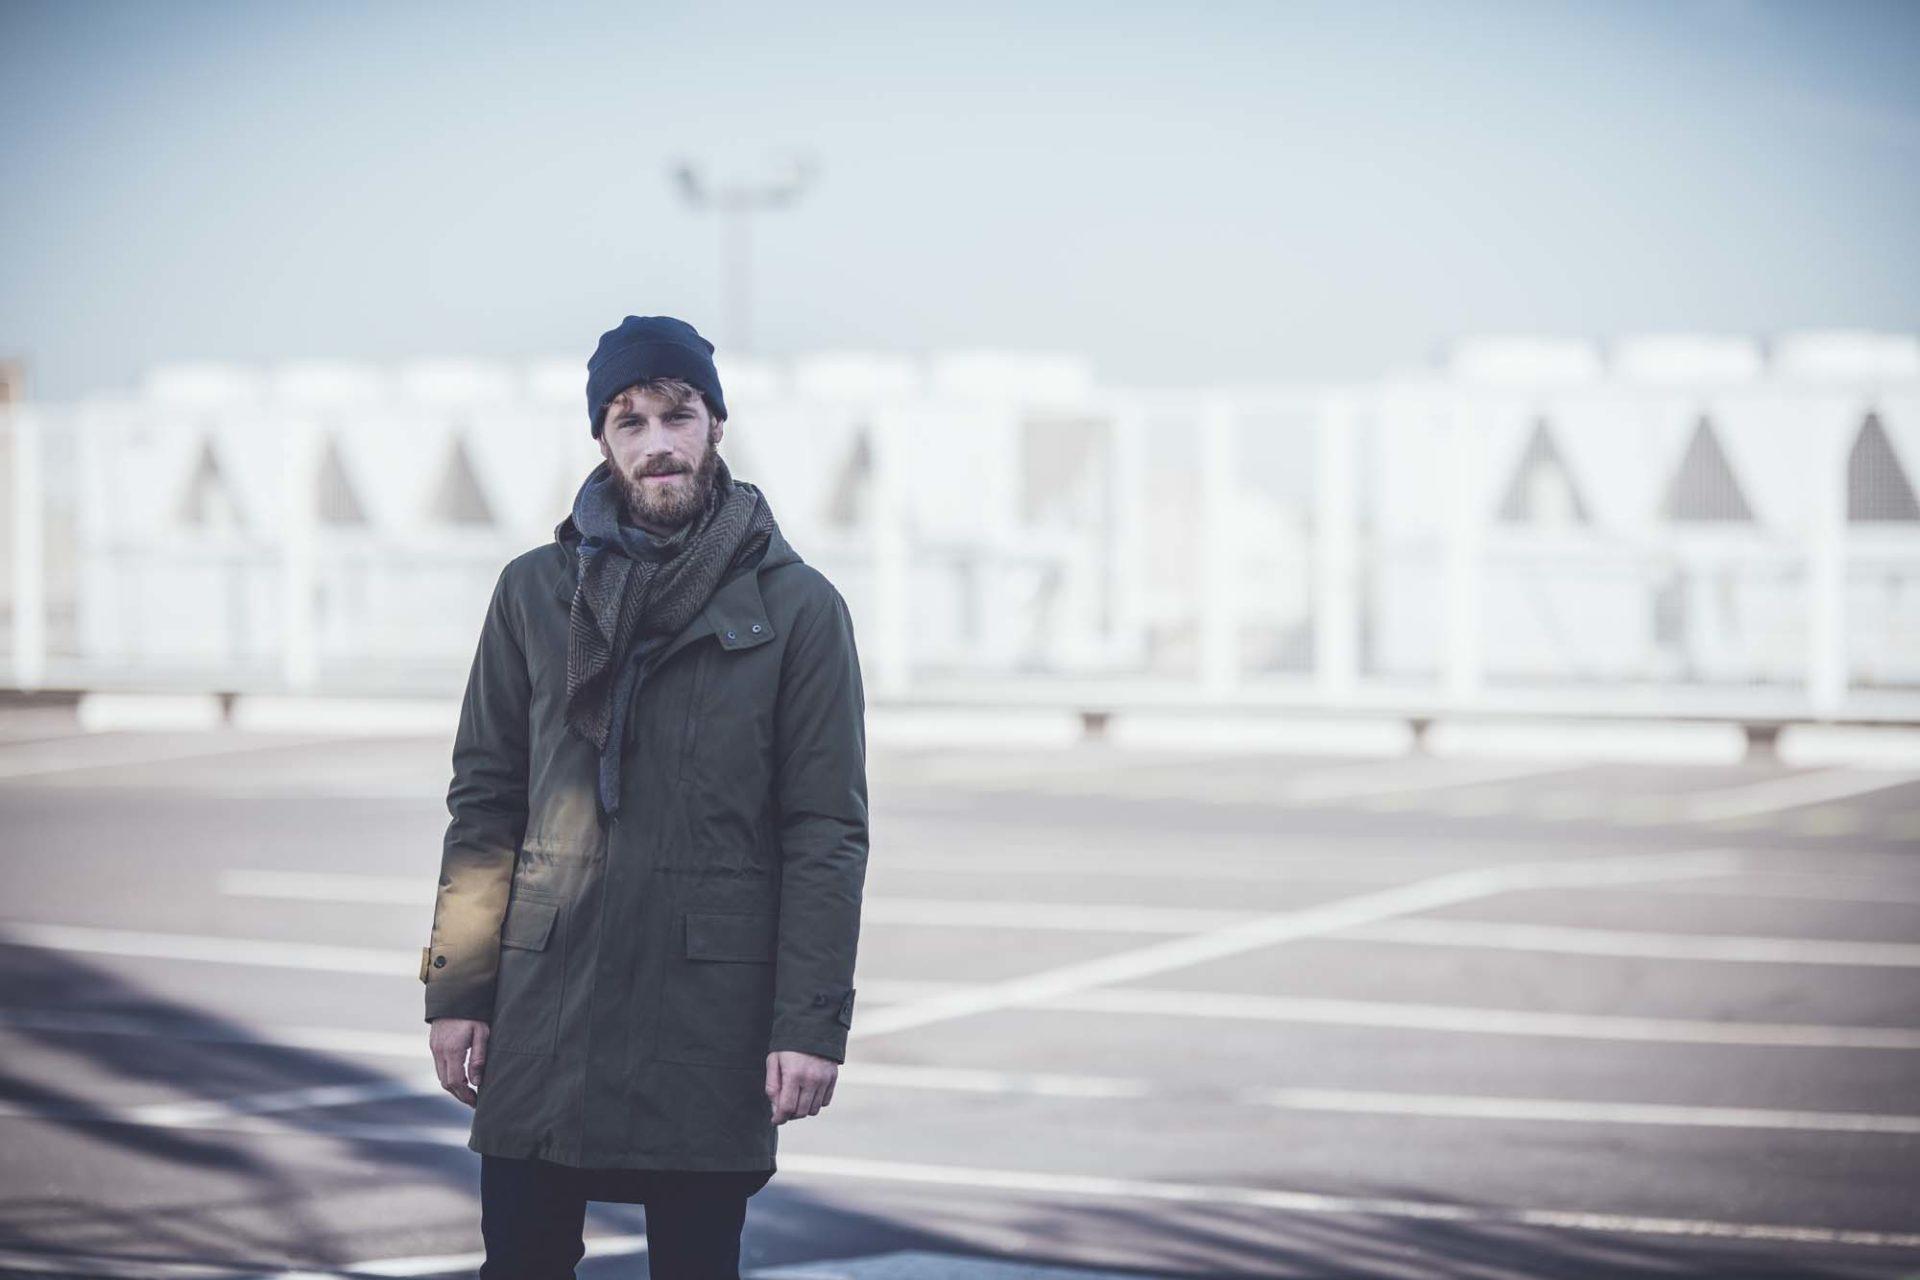 Campagne Jaqk photographié par Laurent Scavone